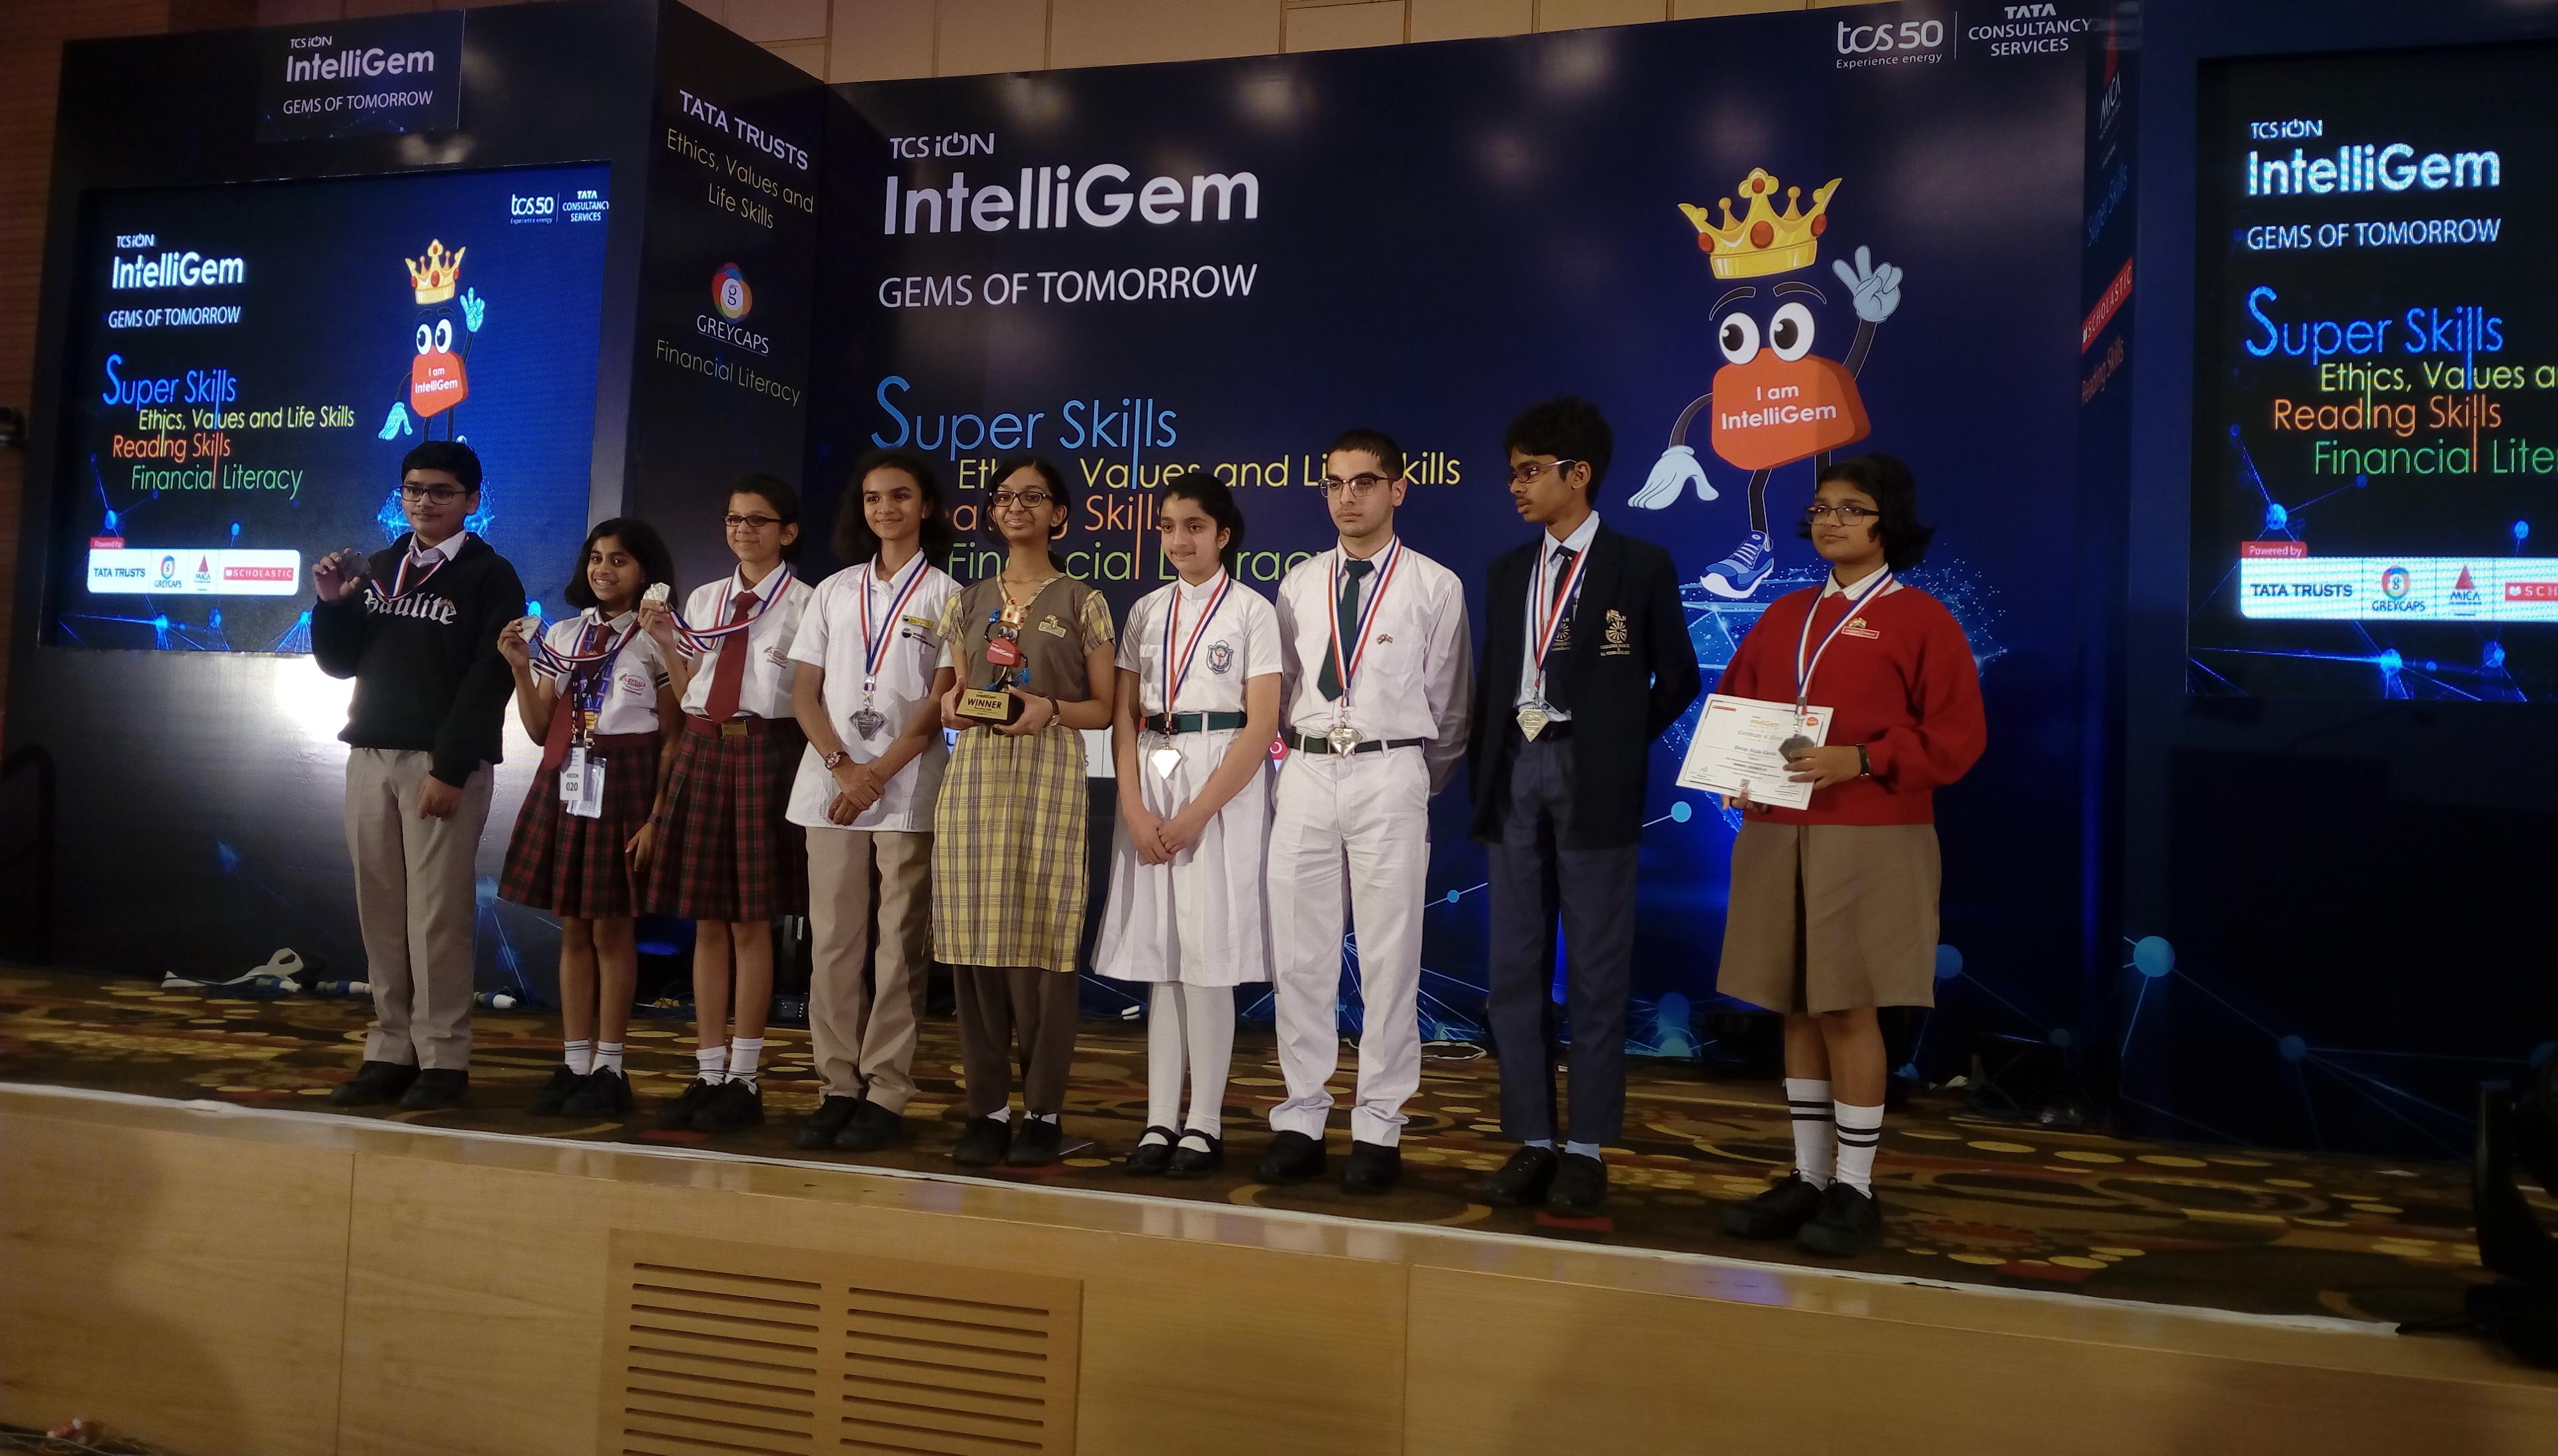 DPS Srinagar is runner-up at TCS iON Intelligem